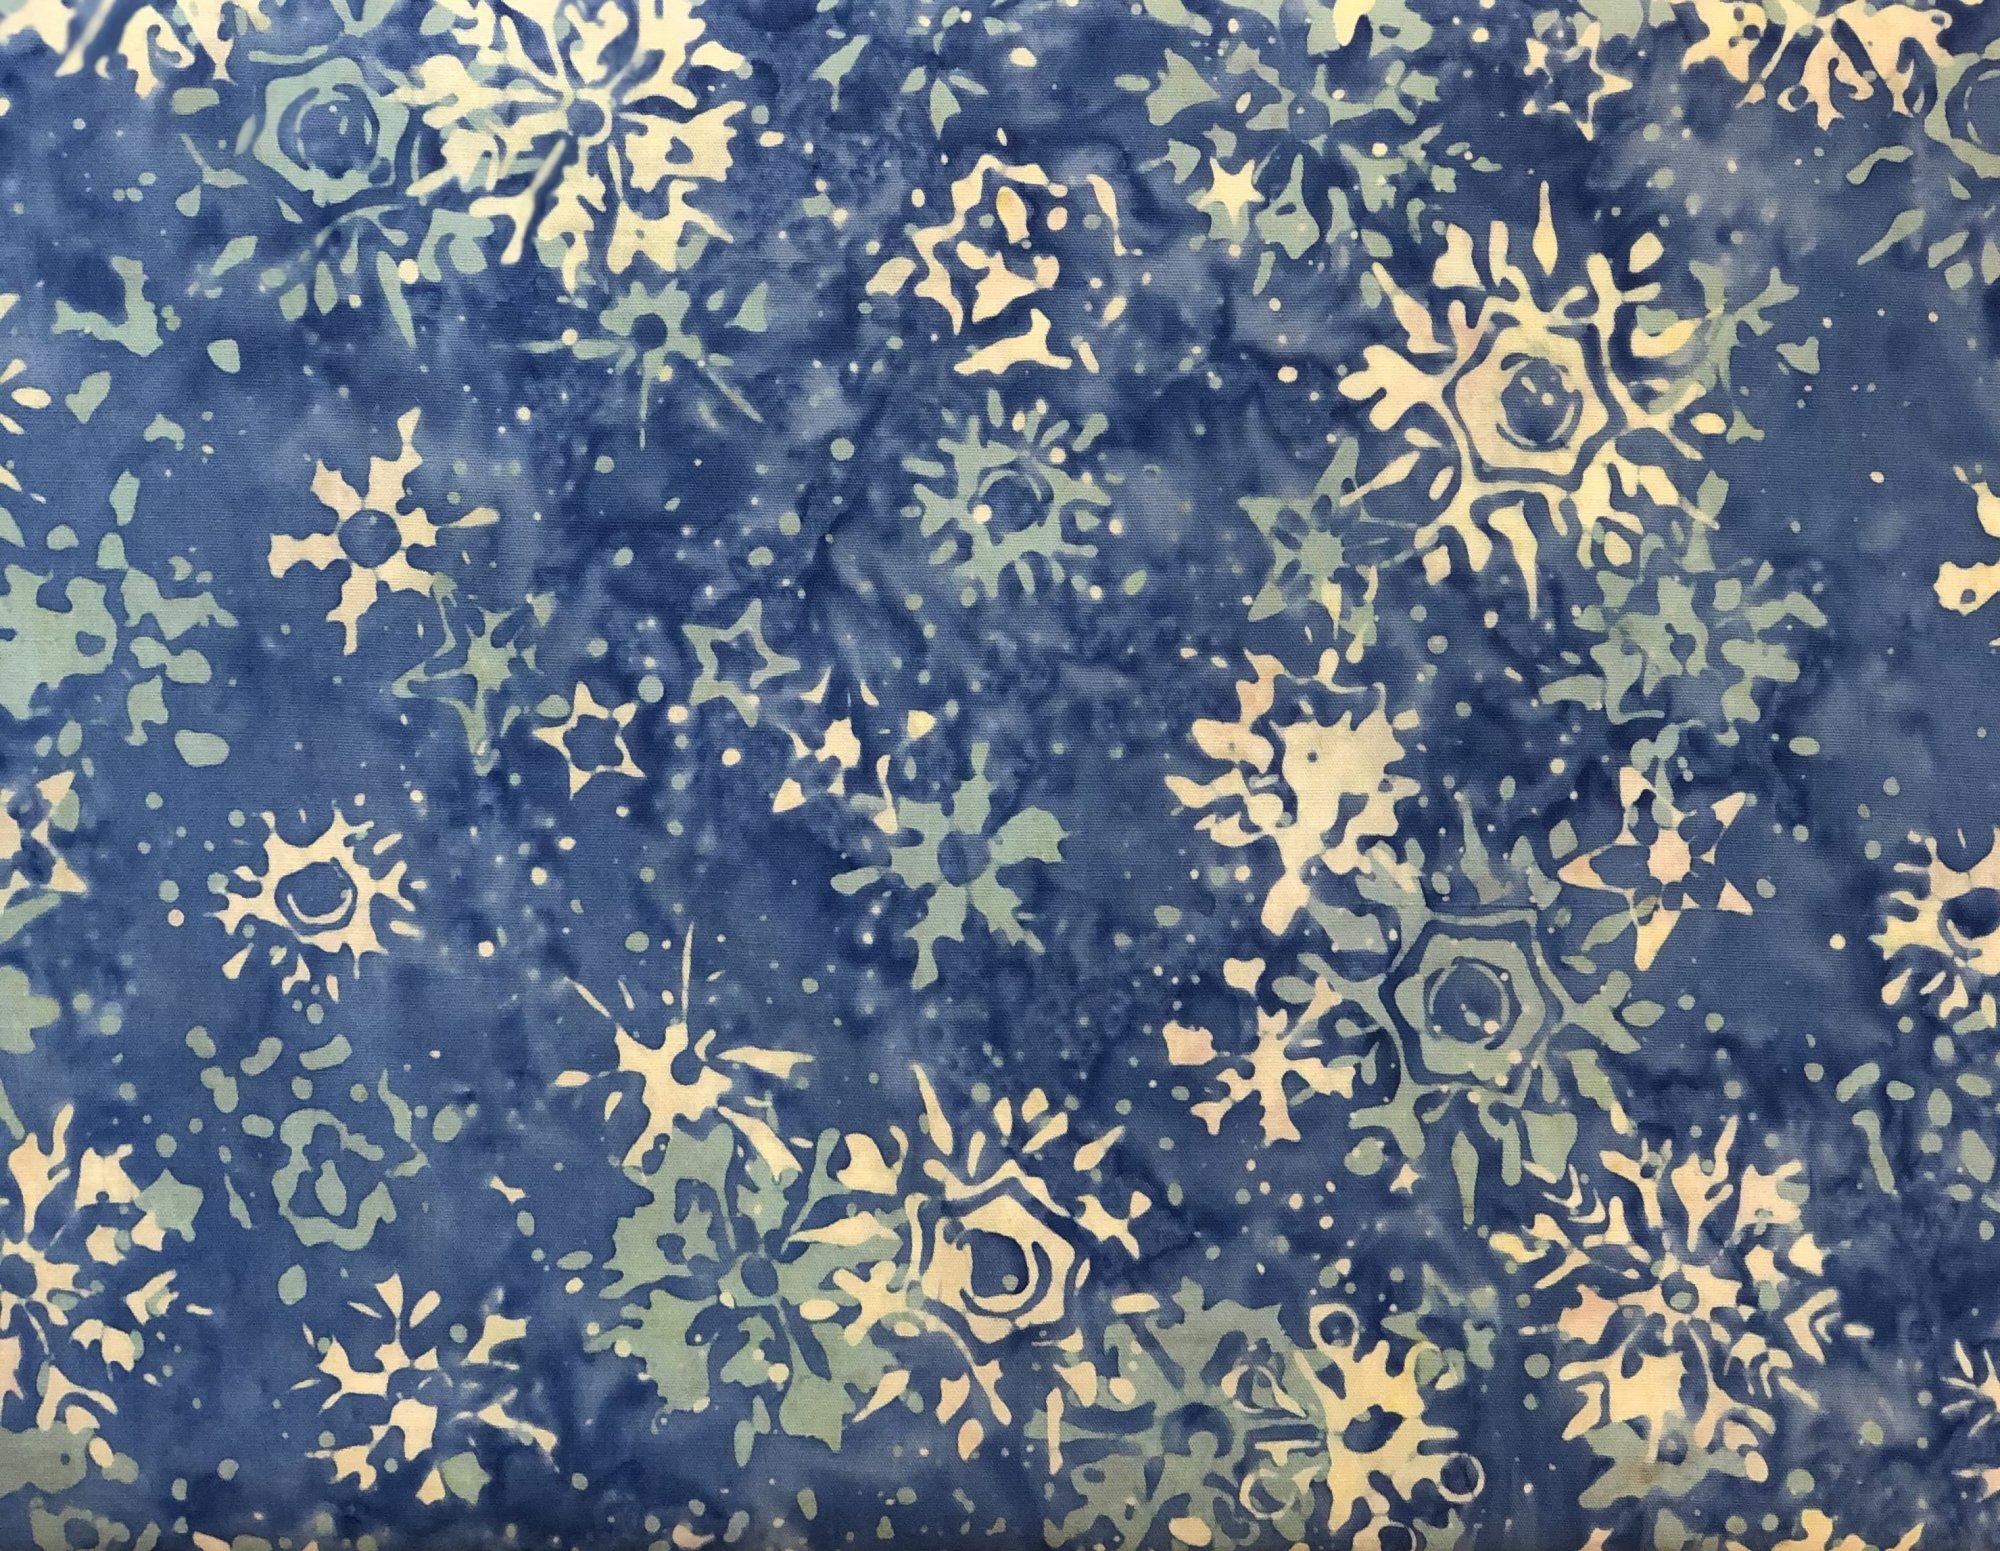 BATIK SNOWFLAKES BLUE/AQUA HS14AD1 Island Batik